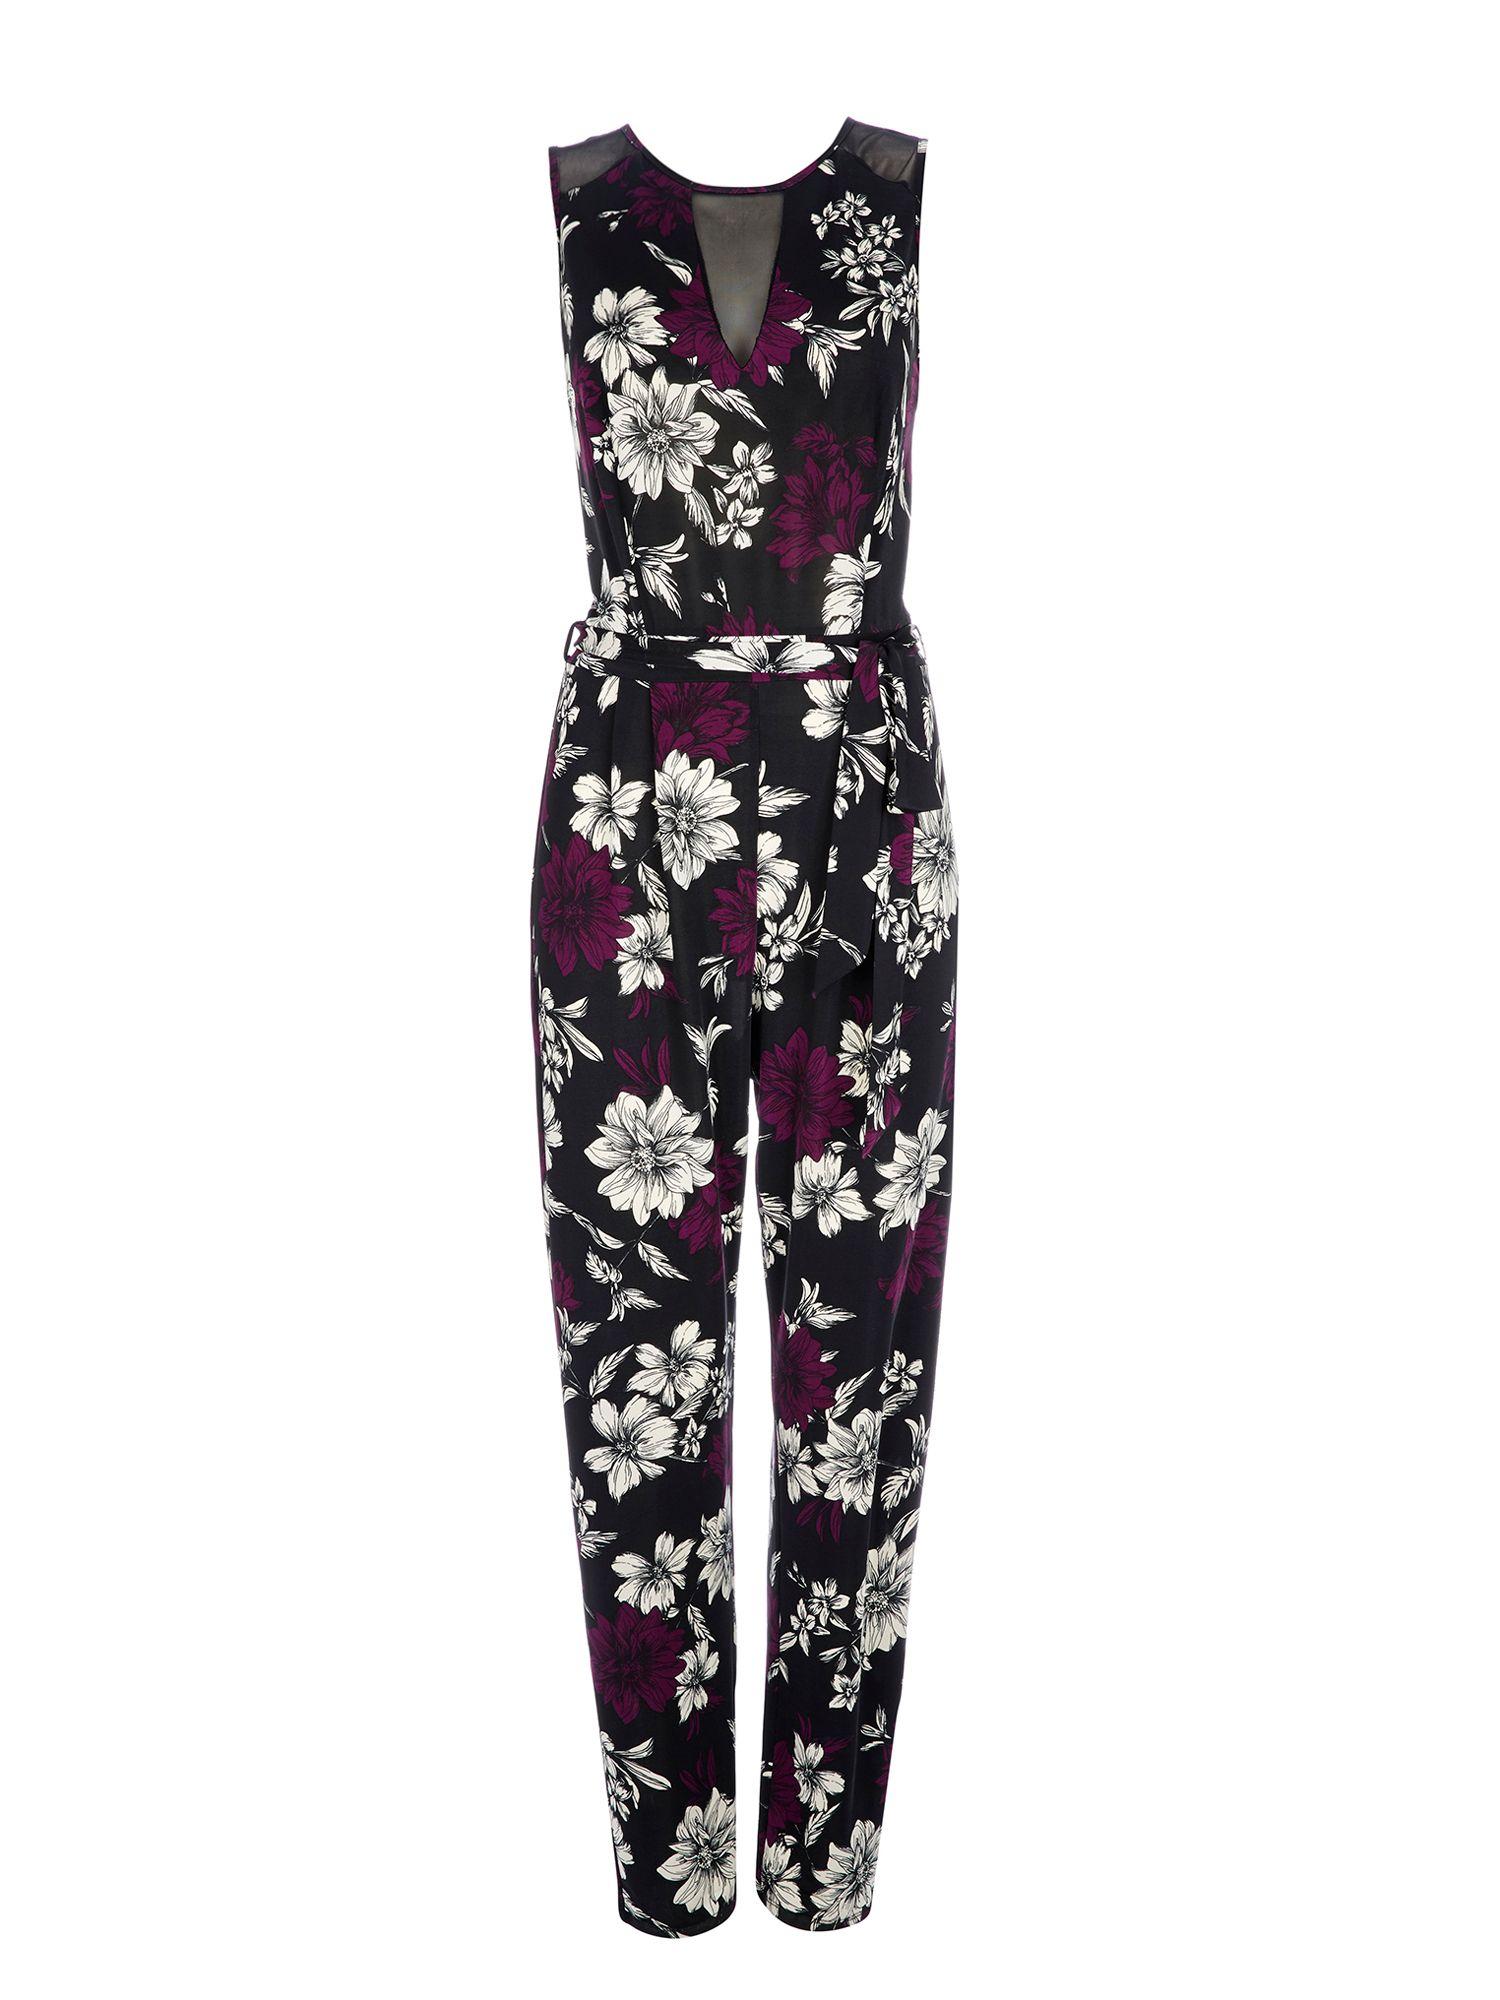 6ed538740efb Lyst - Wallis Purple Floral Print Jumpsuit in Purple